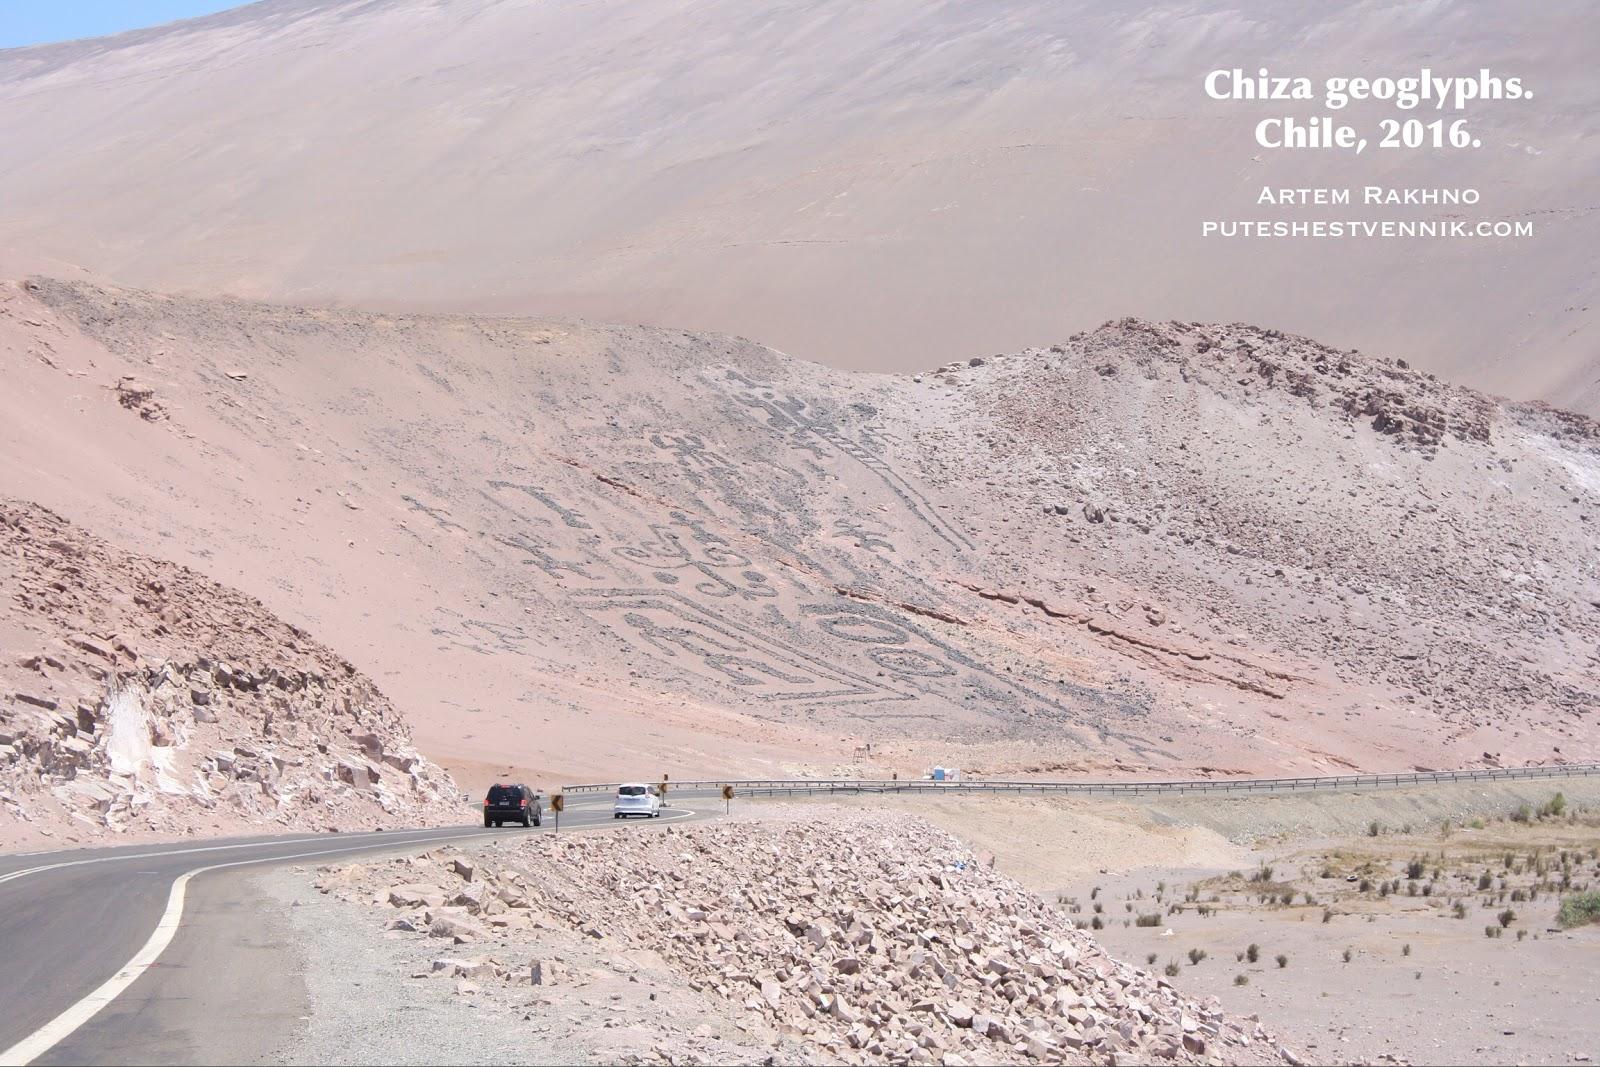 Геоглифы в Чили